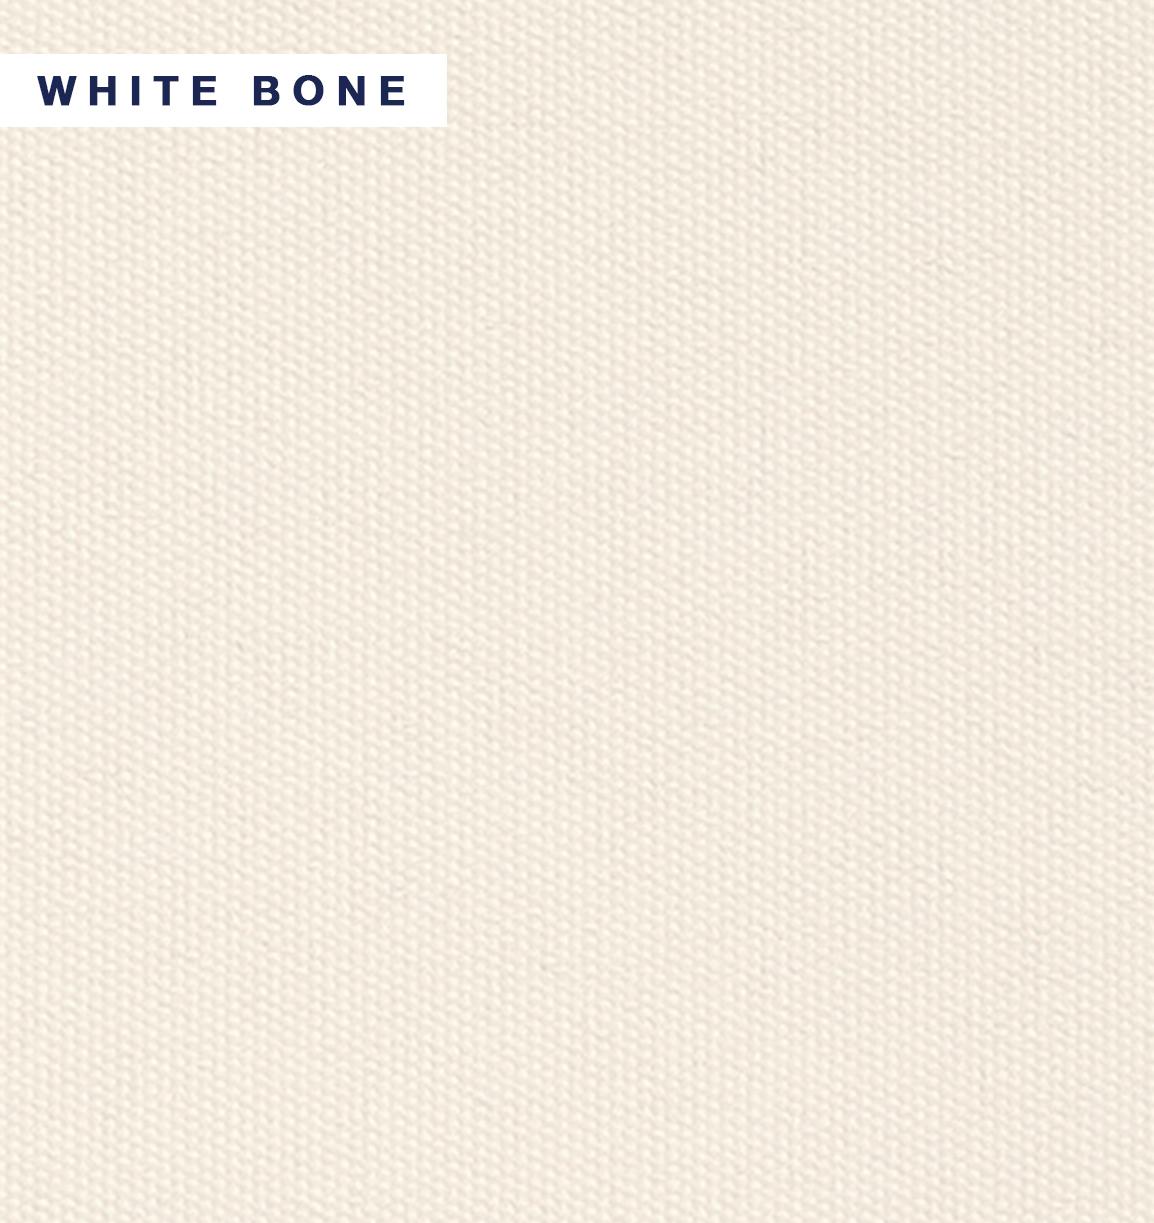 Vivid - White Bone.jpg